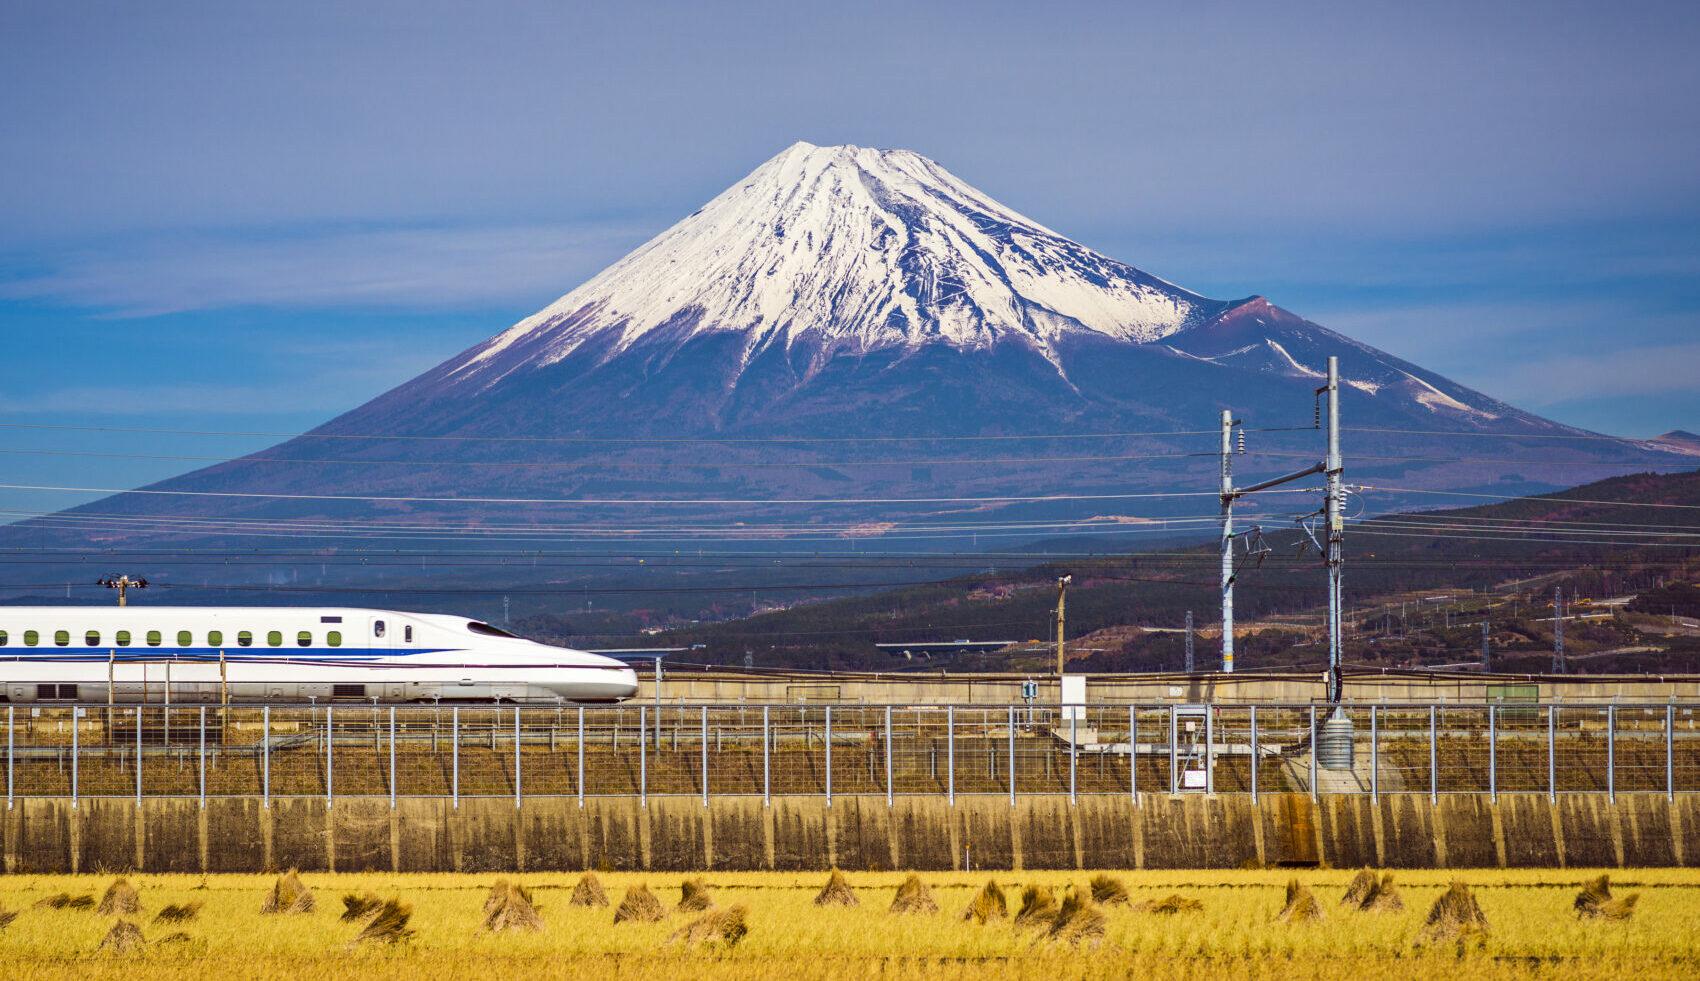 Bullet train passing Mount Fuji